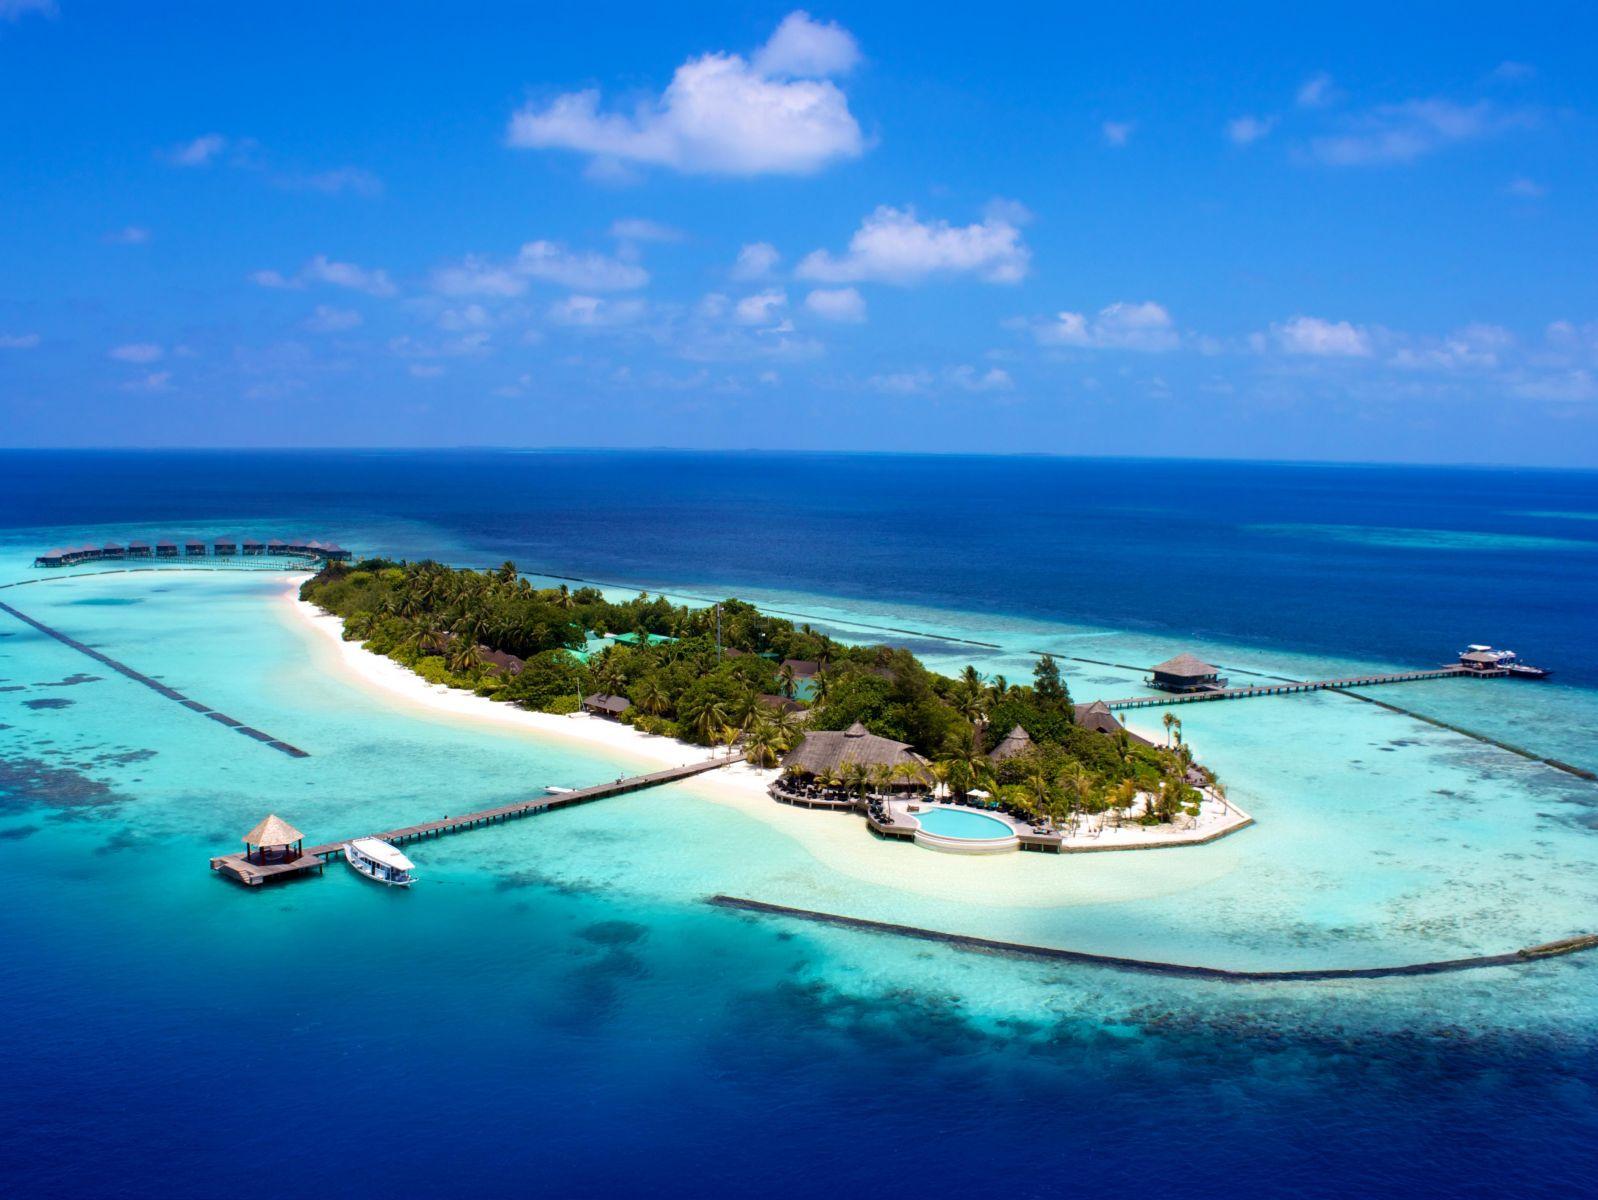 du lịch Maldives 4 ngày 3 đêm - Viettourist